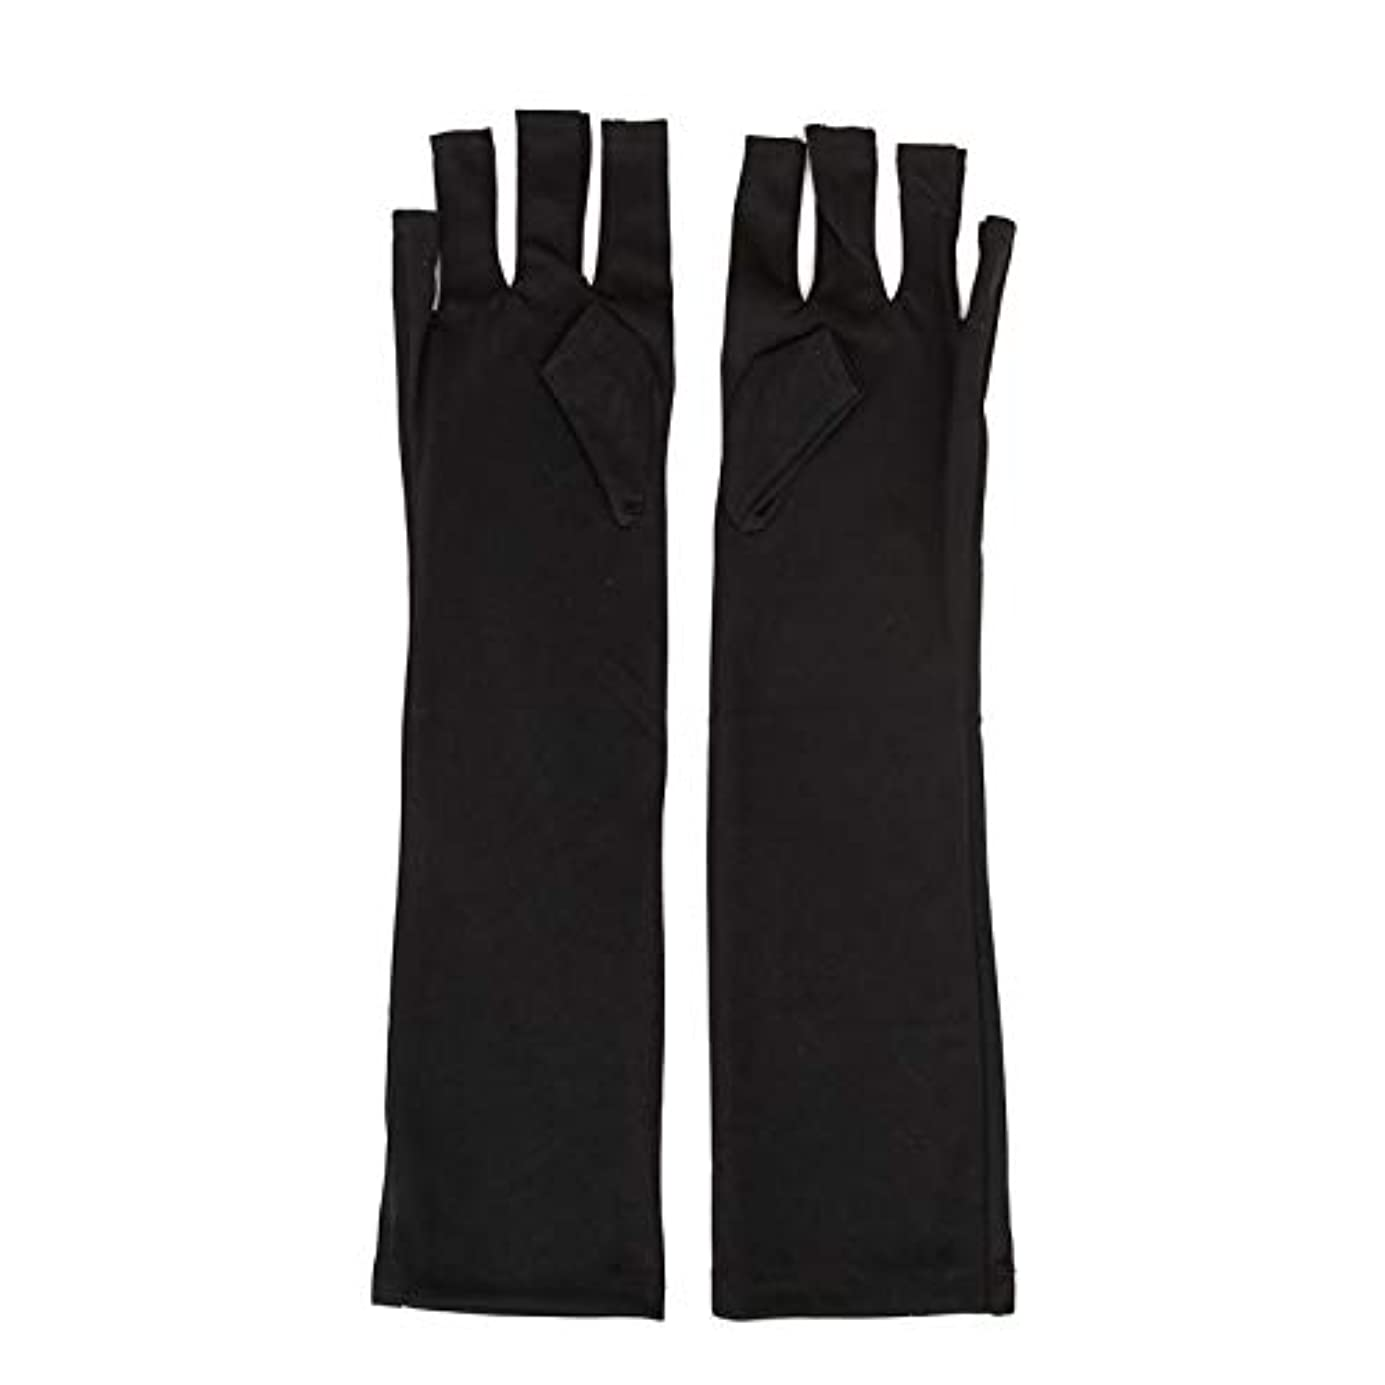 有益衝動謝罪する1ペアネイルアートUV保護手袋UVランプ放射線防護手袋ネイルアートドライヤーツールマニキュアツールネイルアートツールオープントゥブラック